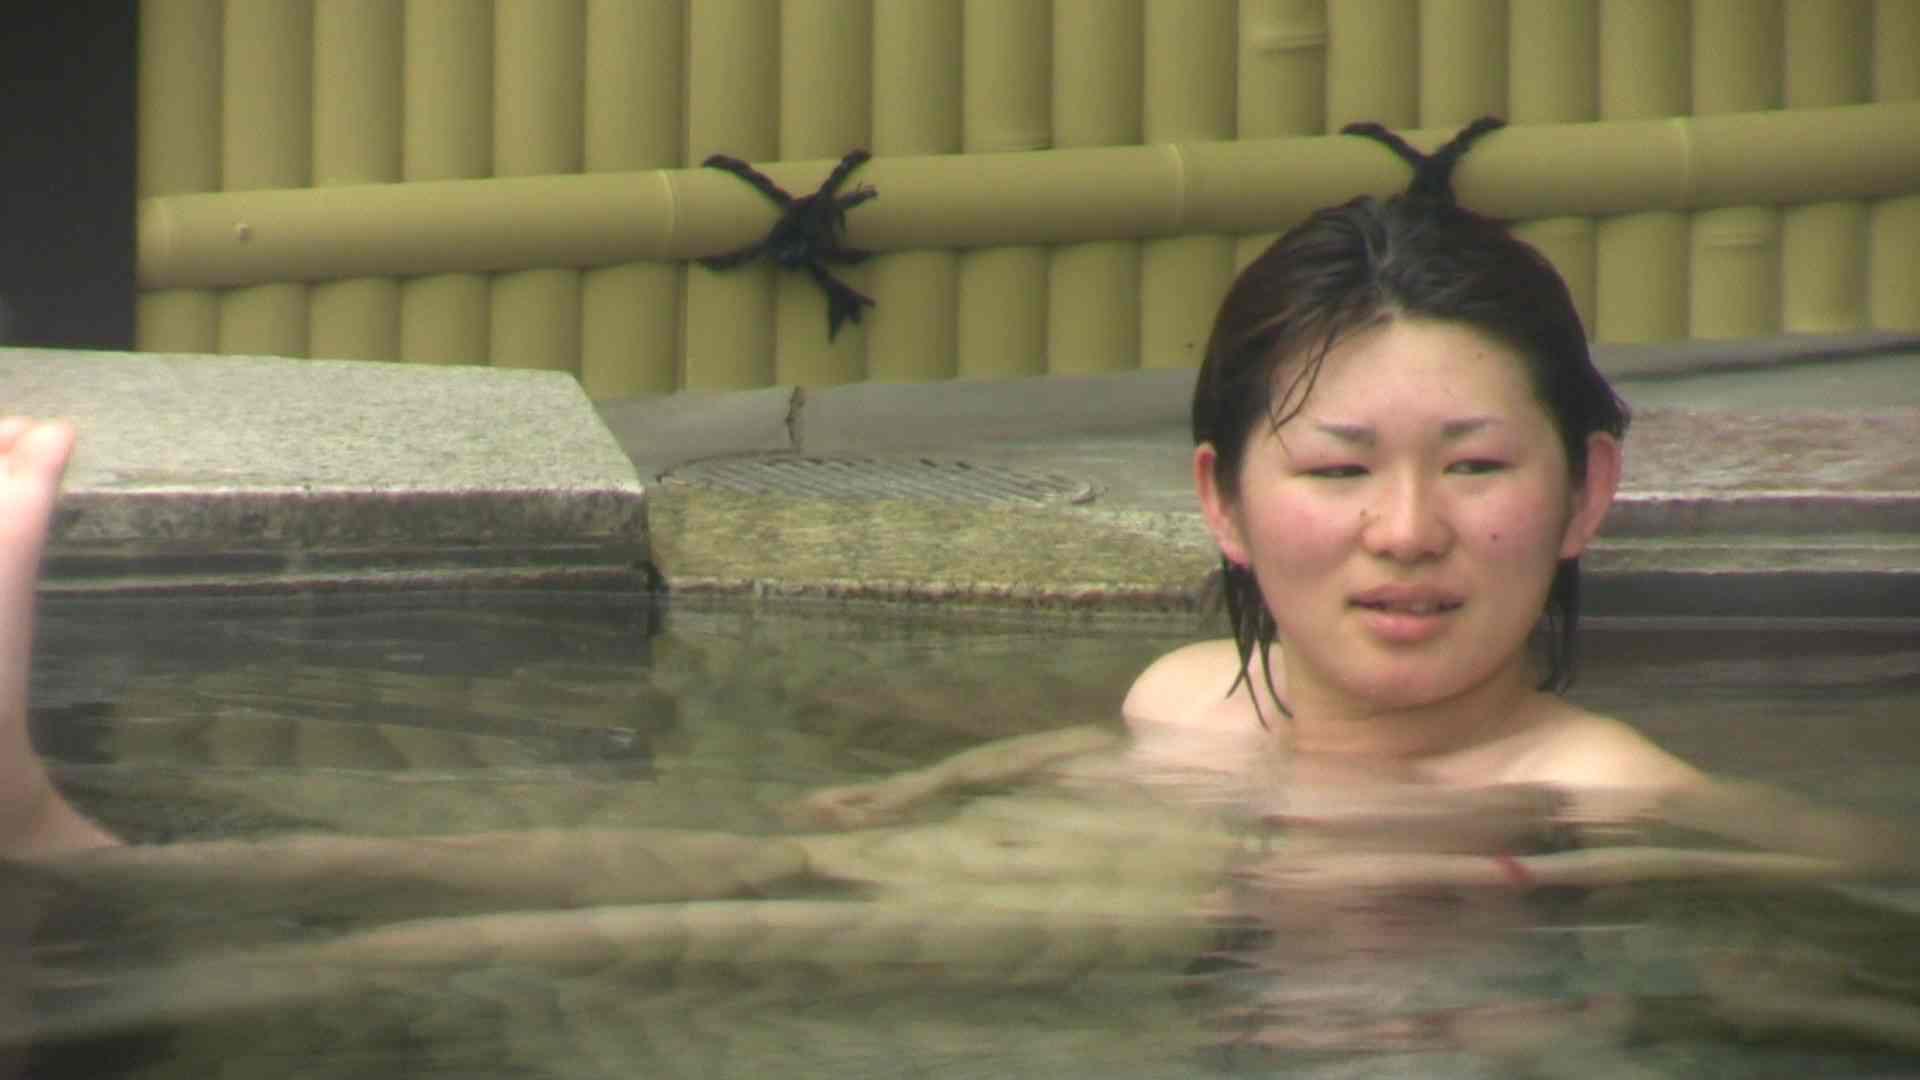 Aquaな露天風呂Vol.673 美しいOLの裸体   盗撮師作品  99pic 79